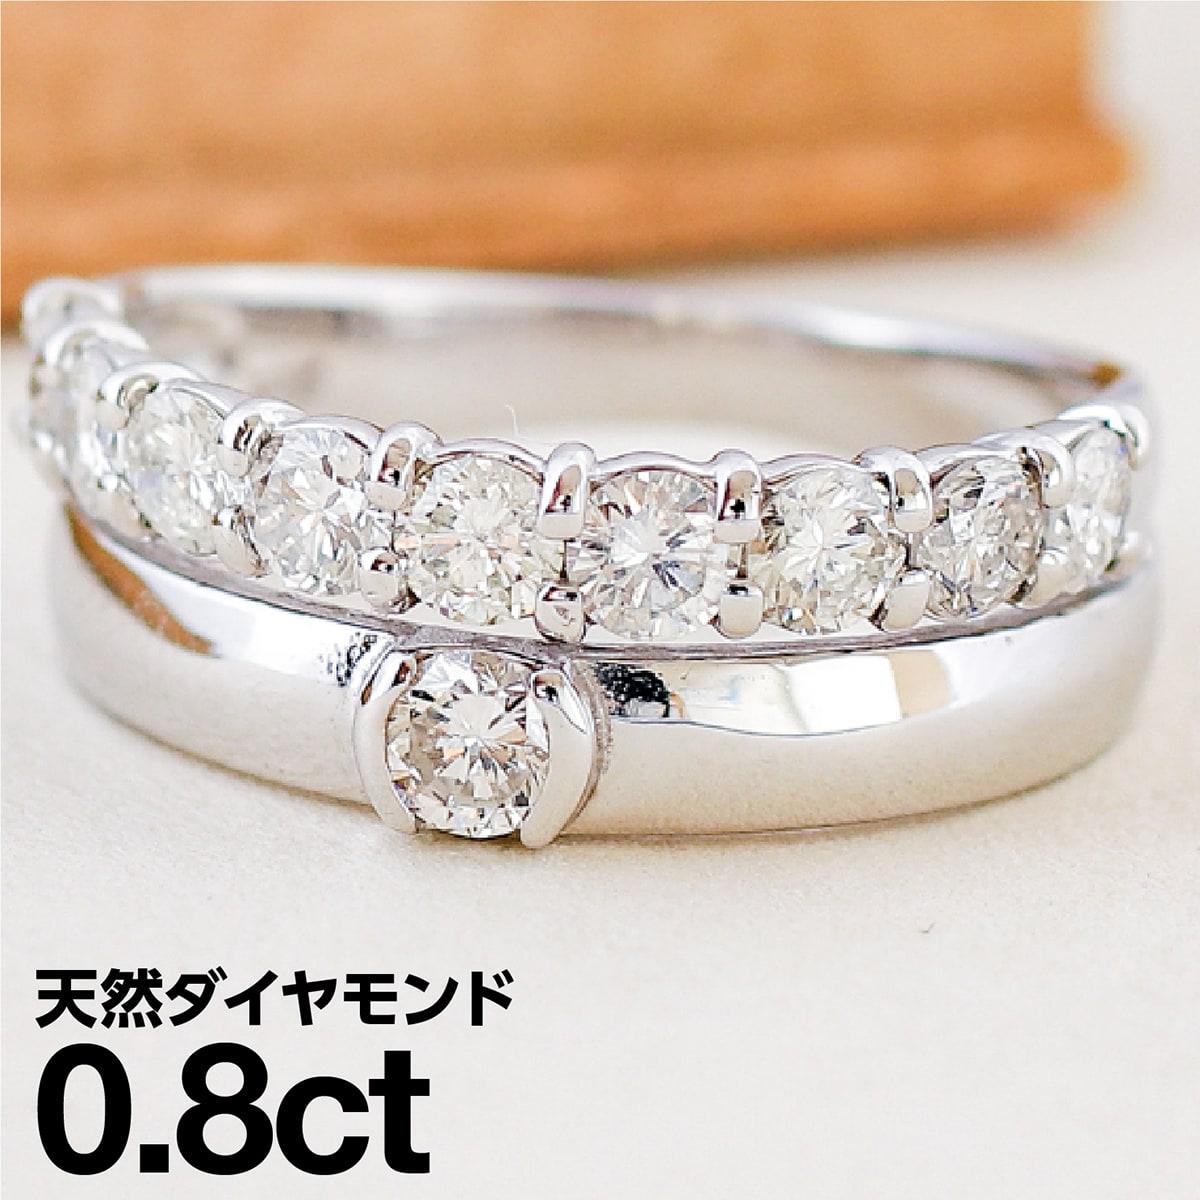 最適な価格 ダイヤモンド リング プラチナ900 ファッションリング ダイヤモンドリング 品質保証書 金属アレルギー 日本製 クリスマス ギフト プレゼント, バレエショップ Konju Dress f24bee9d